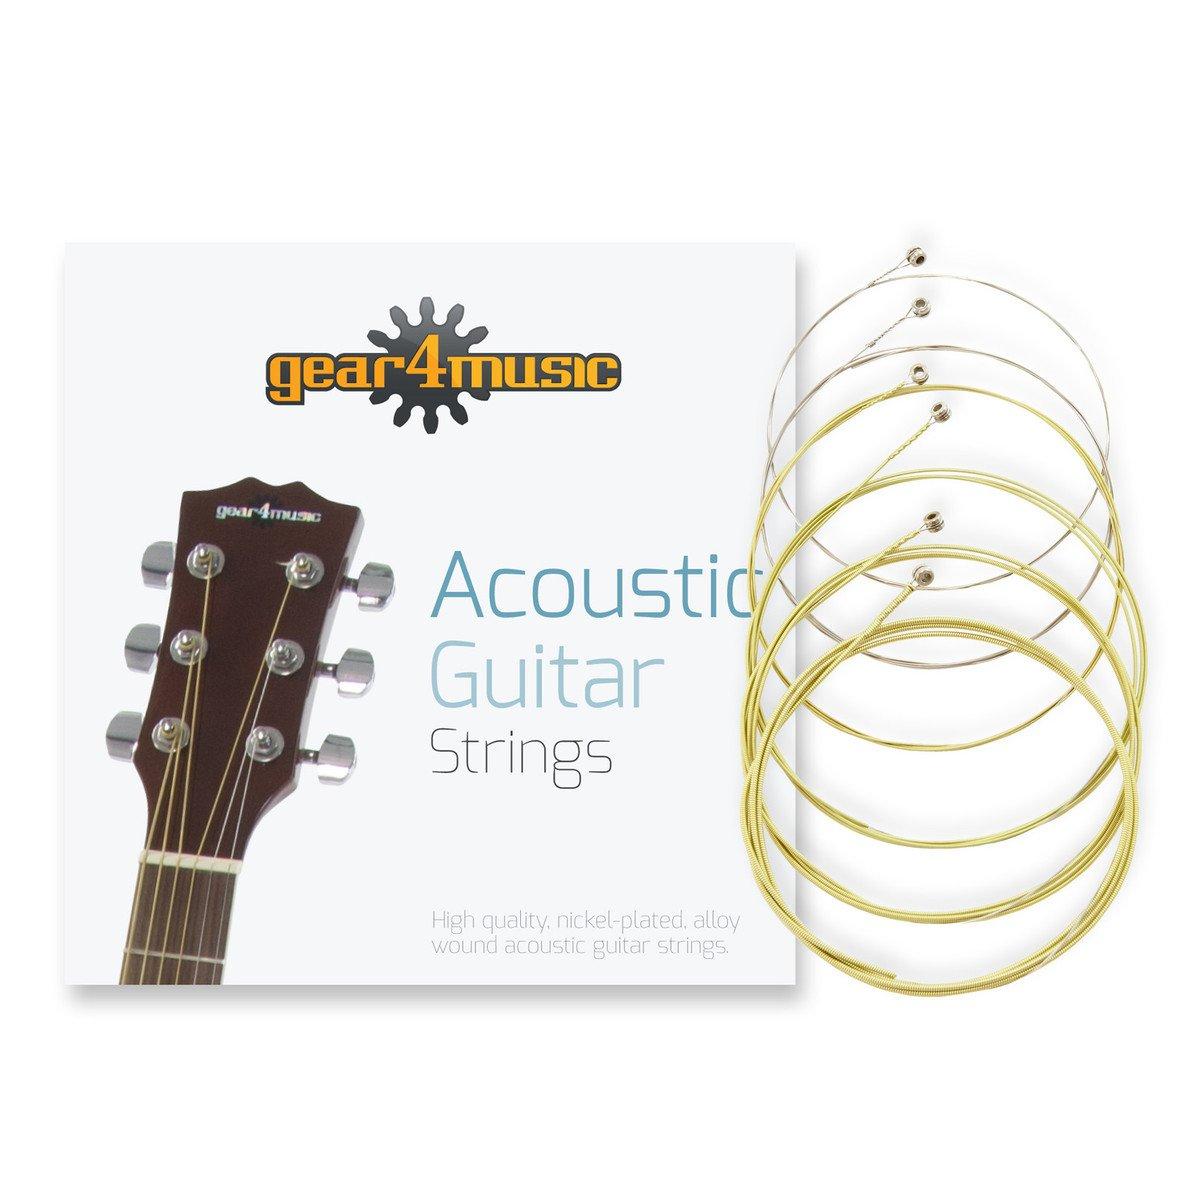 Set de Guitarra Electroacustica con Cutaway + Amplificador de 15 W Blue: Amazon.es: Instrumentos musicales